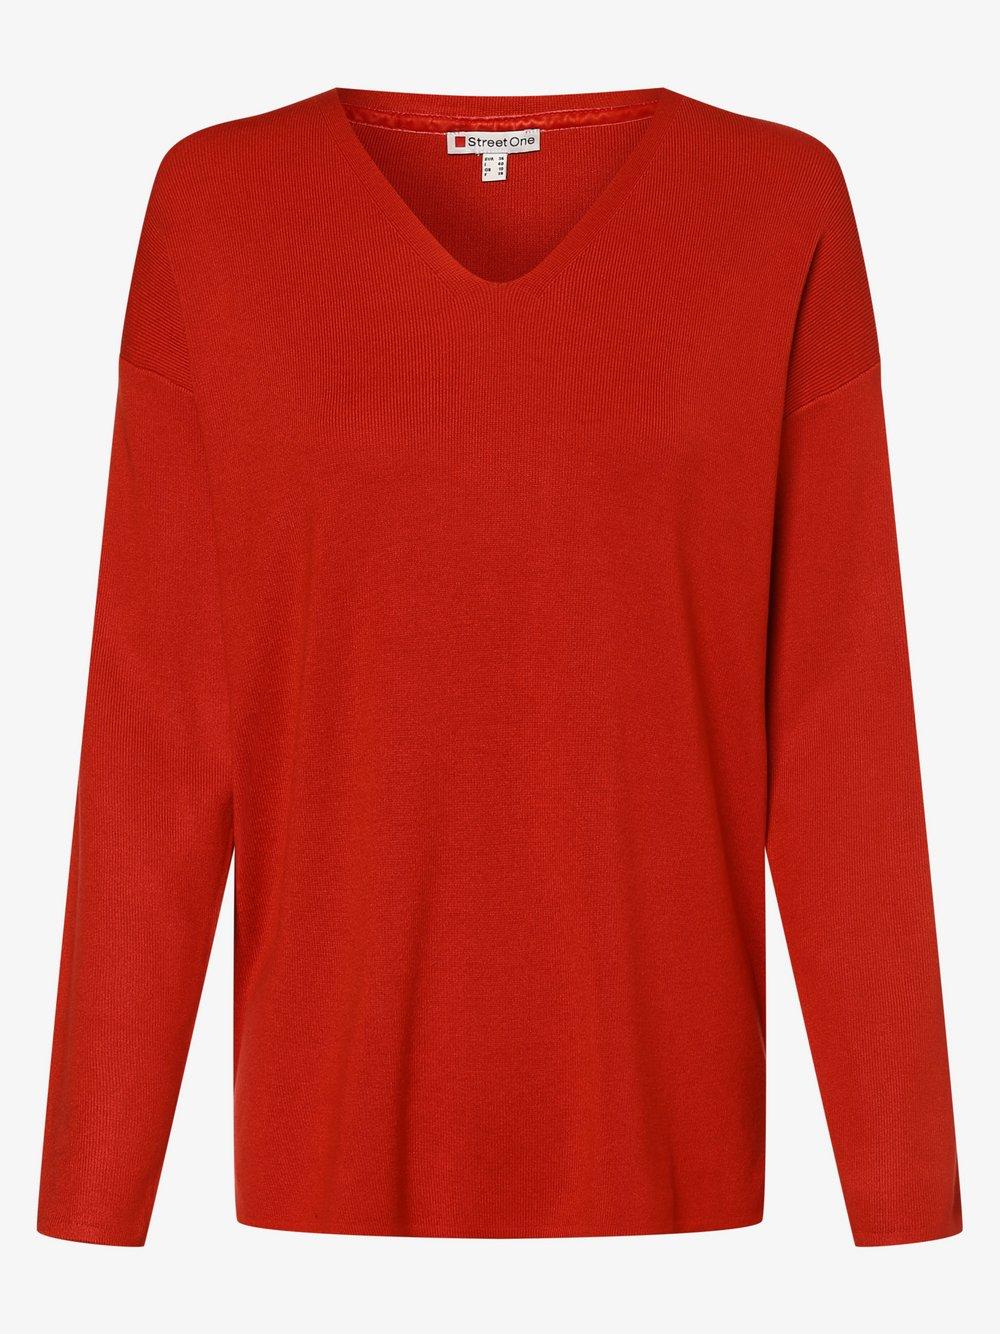 Street One - Sweter damski, czerwony